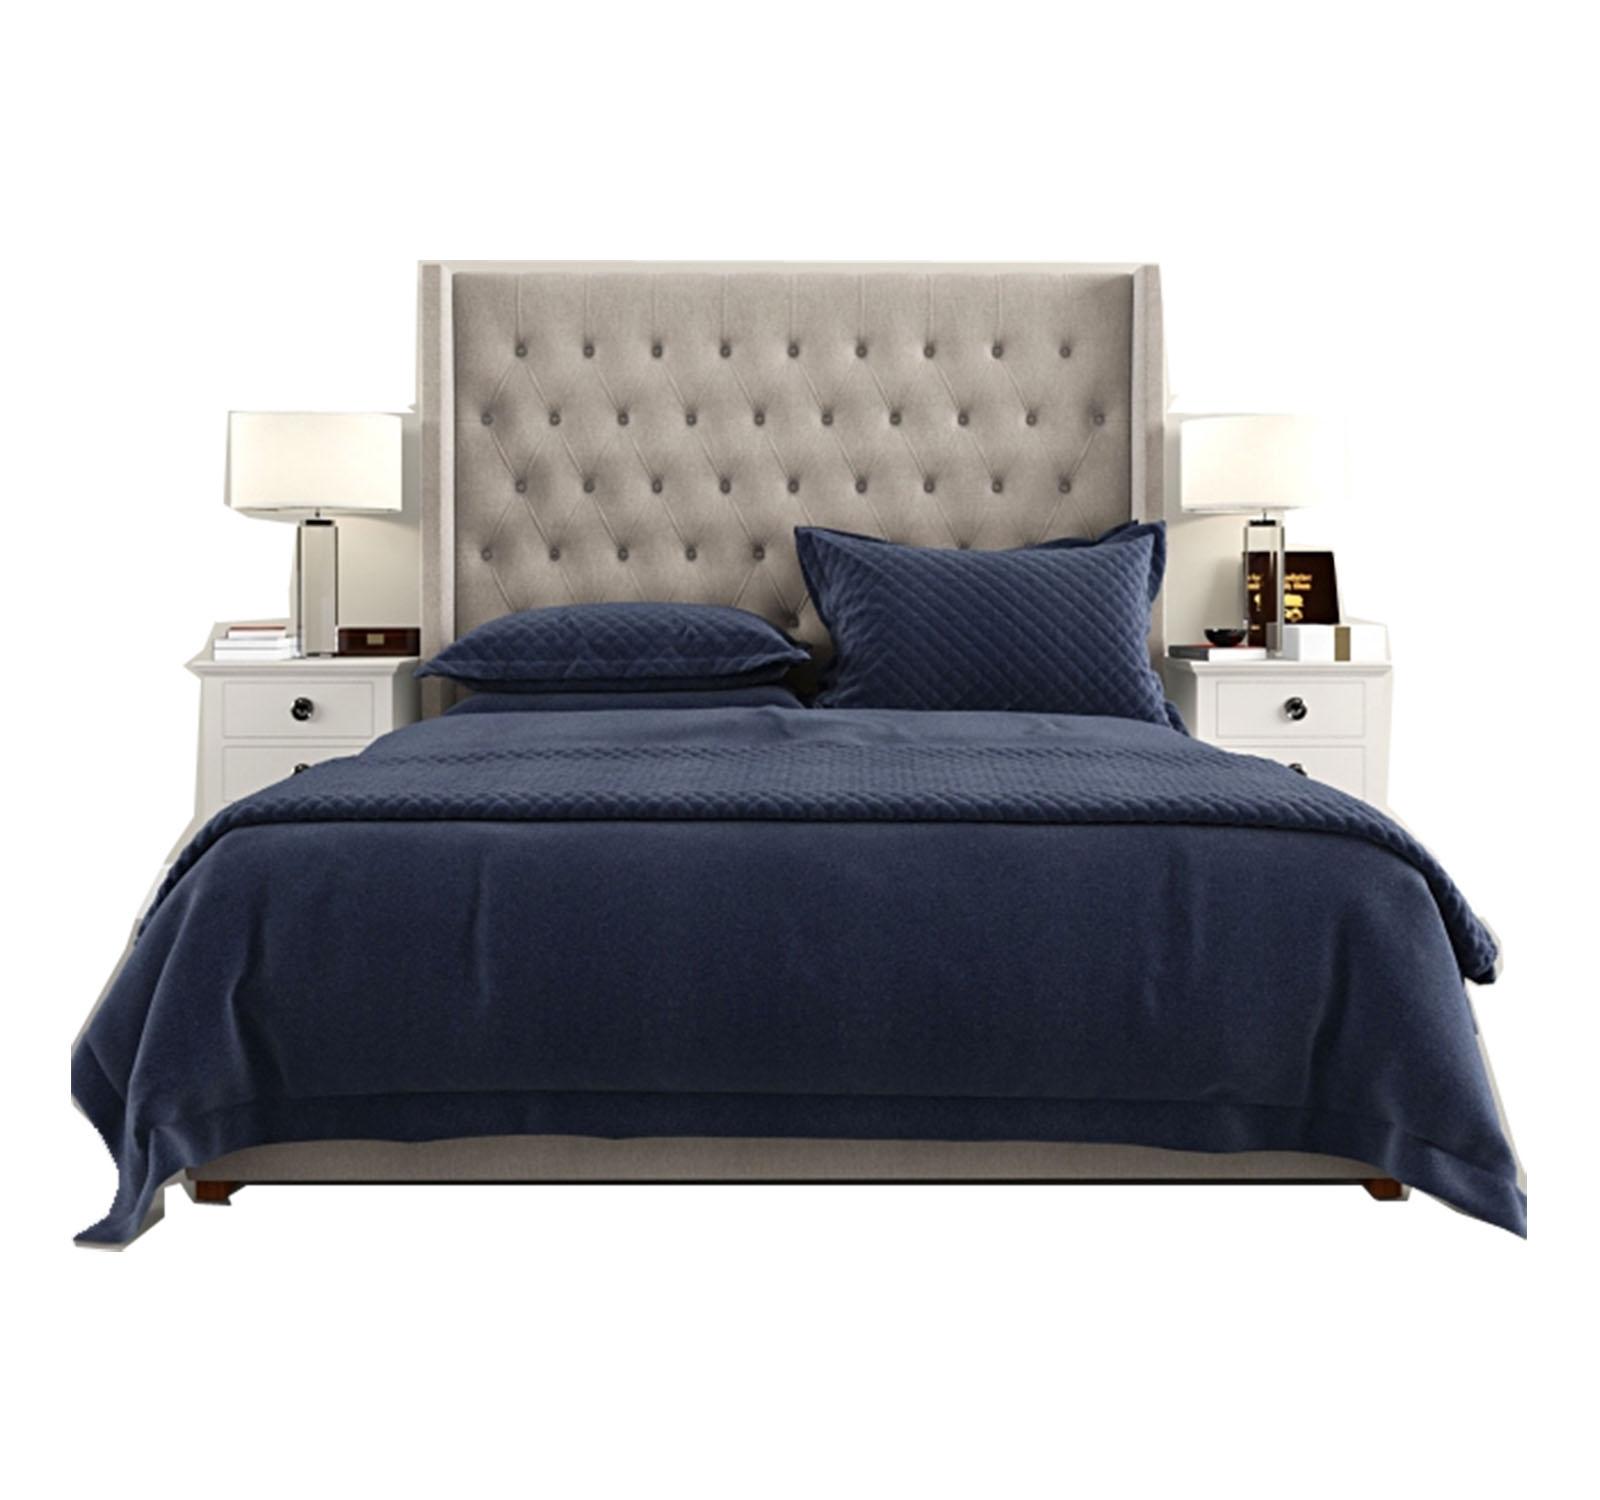 giuong burnley 1 - Giường ngủ Burnley